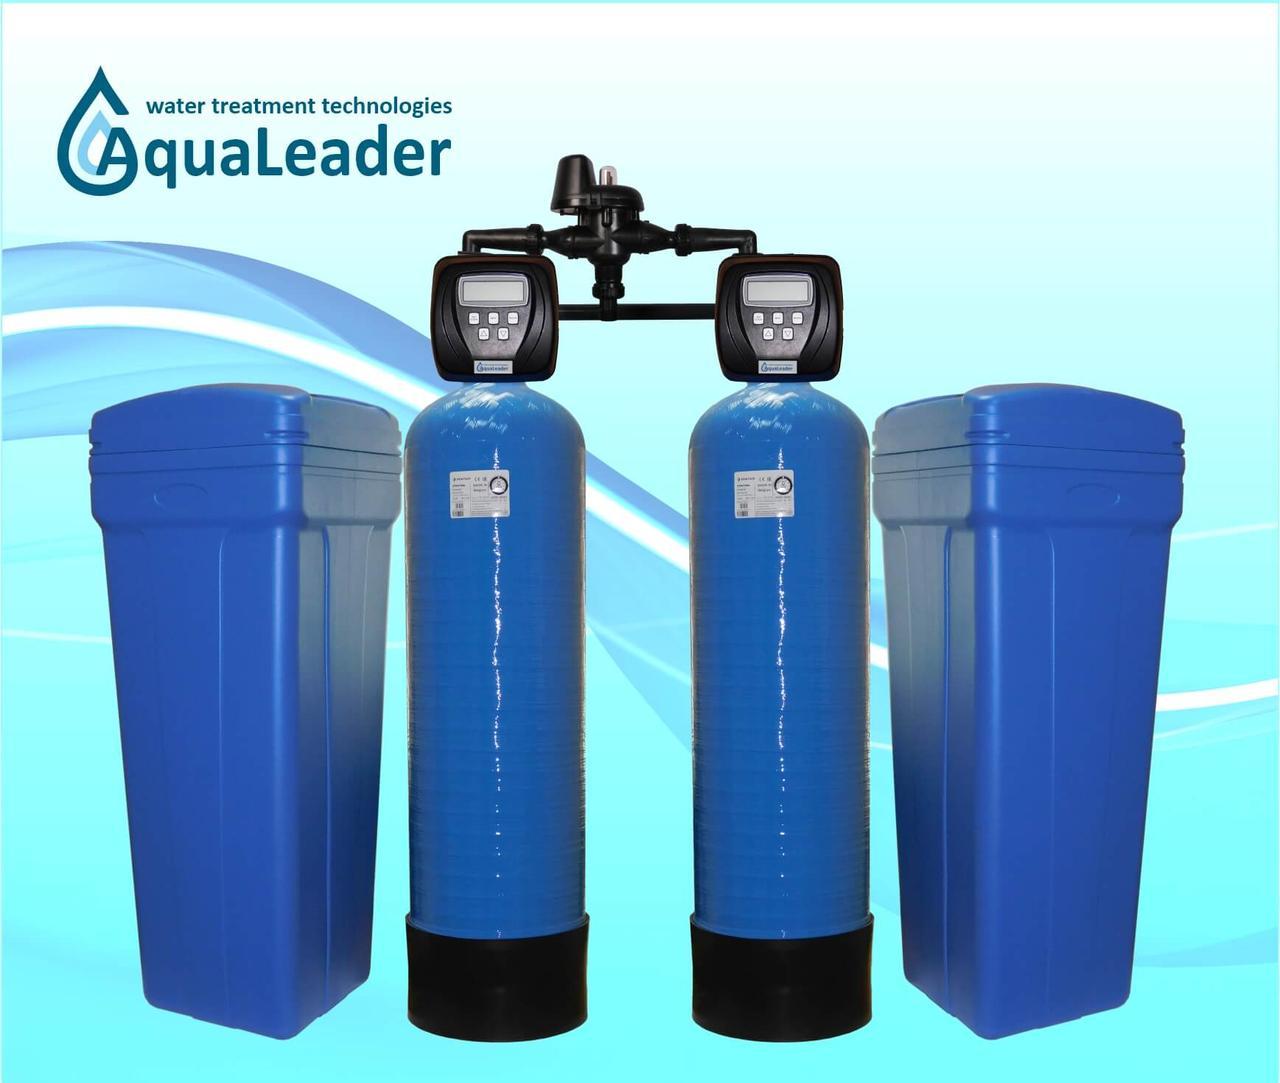 Фильтр для удаления солей жесткости из воды FS50 TWIN, Clack Corporation, USA